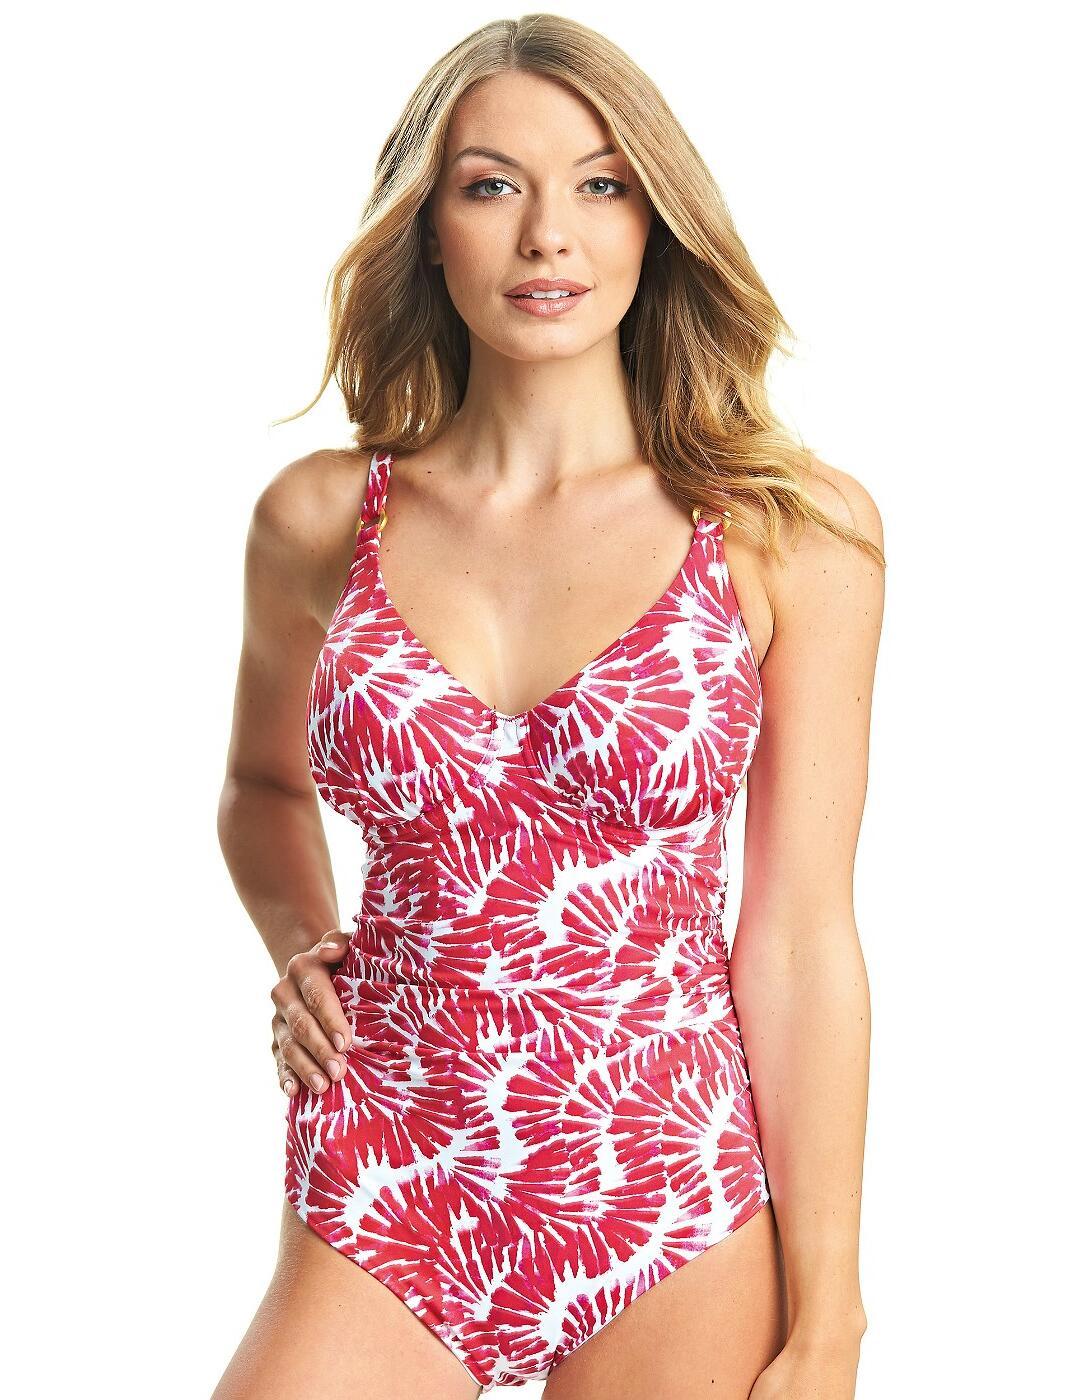 6318 Fantasie Lanai Plunge Control Swimsuit  - 6318 Rose Red